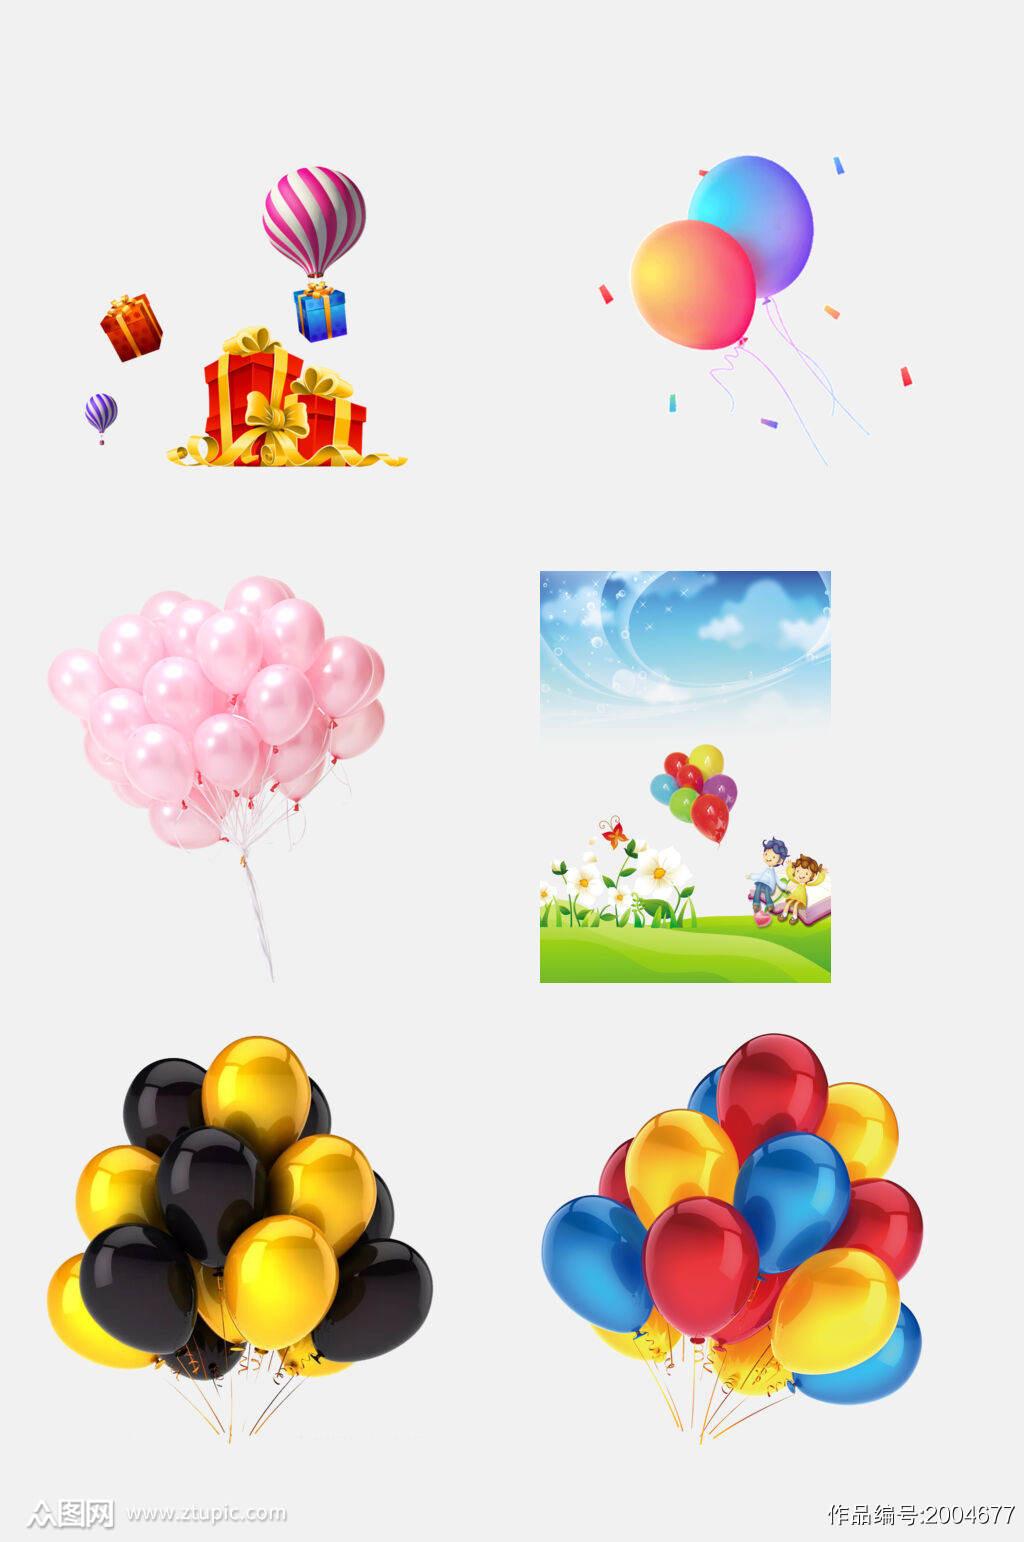 缤纷唯美气球免抠元素素材